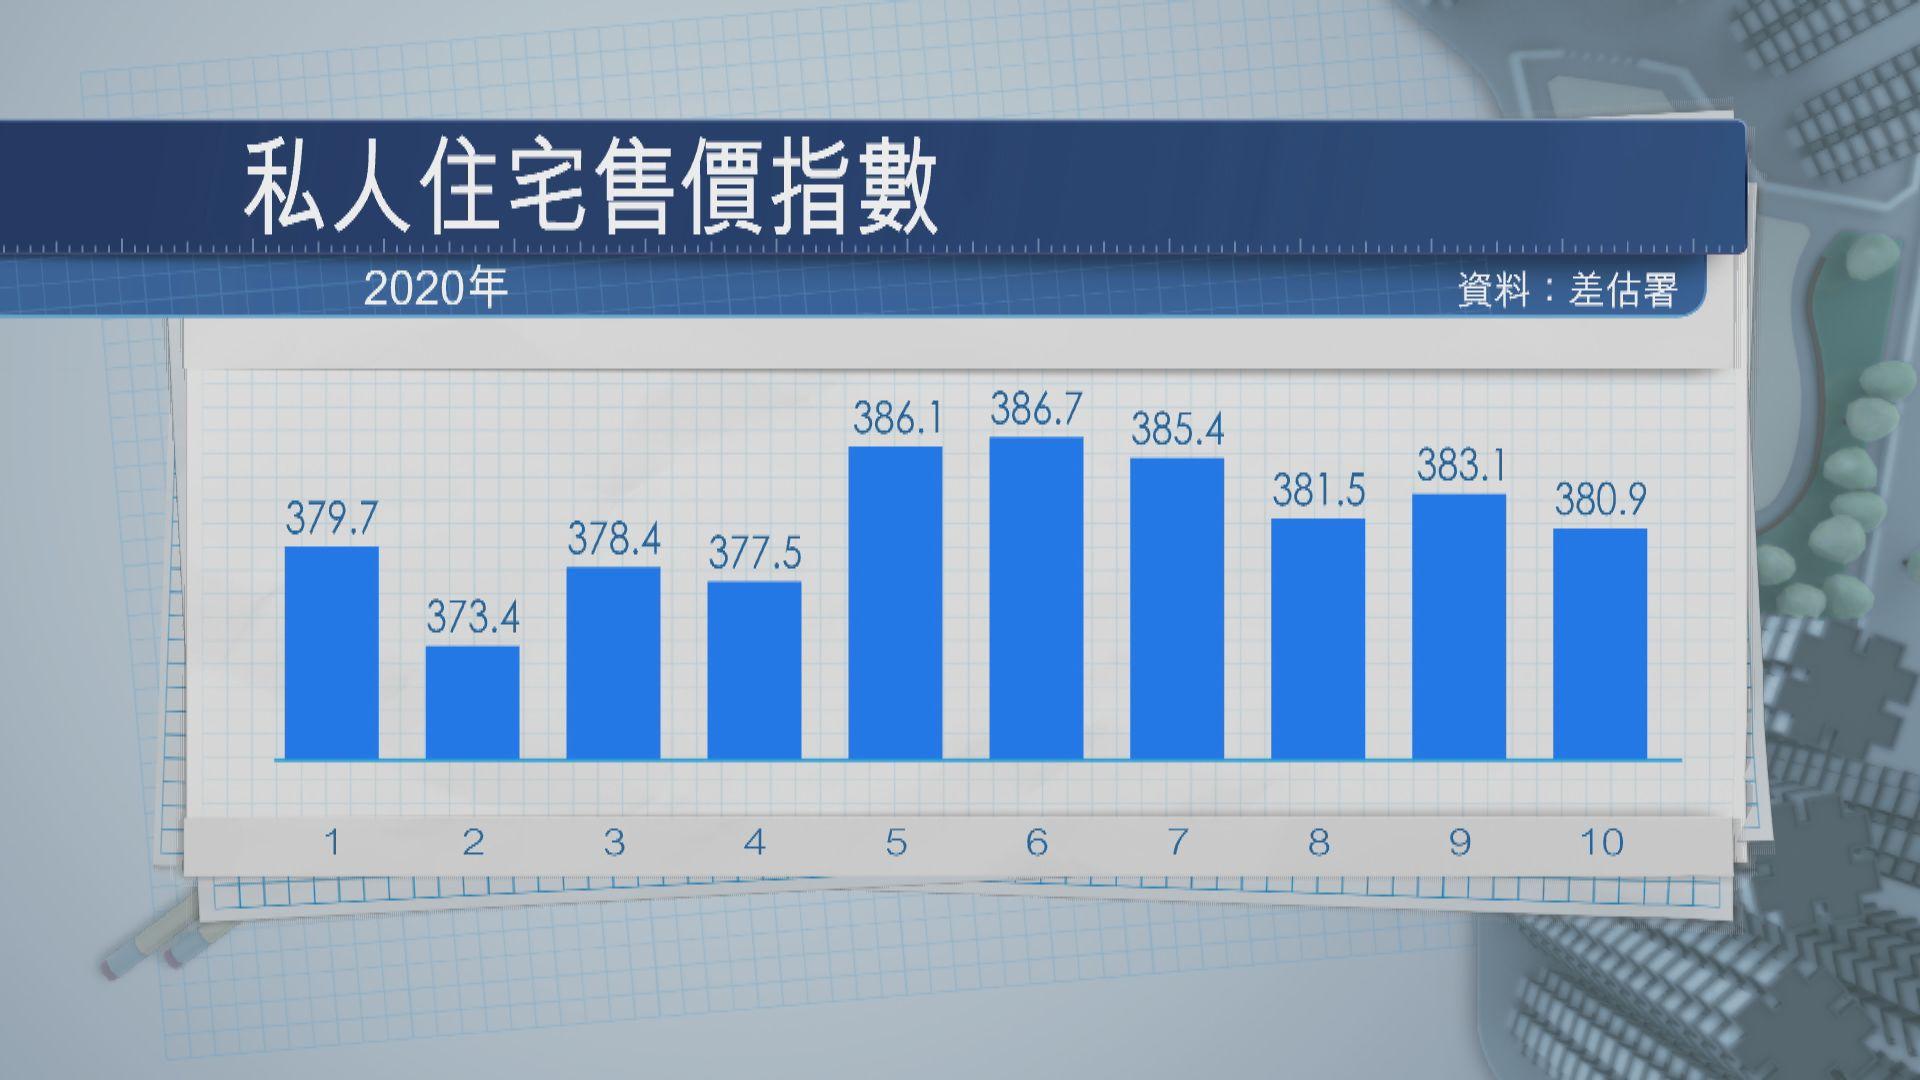 差估署十月私樓售價指數跌0.5% 見半年低位